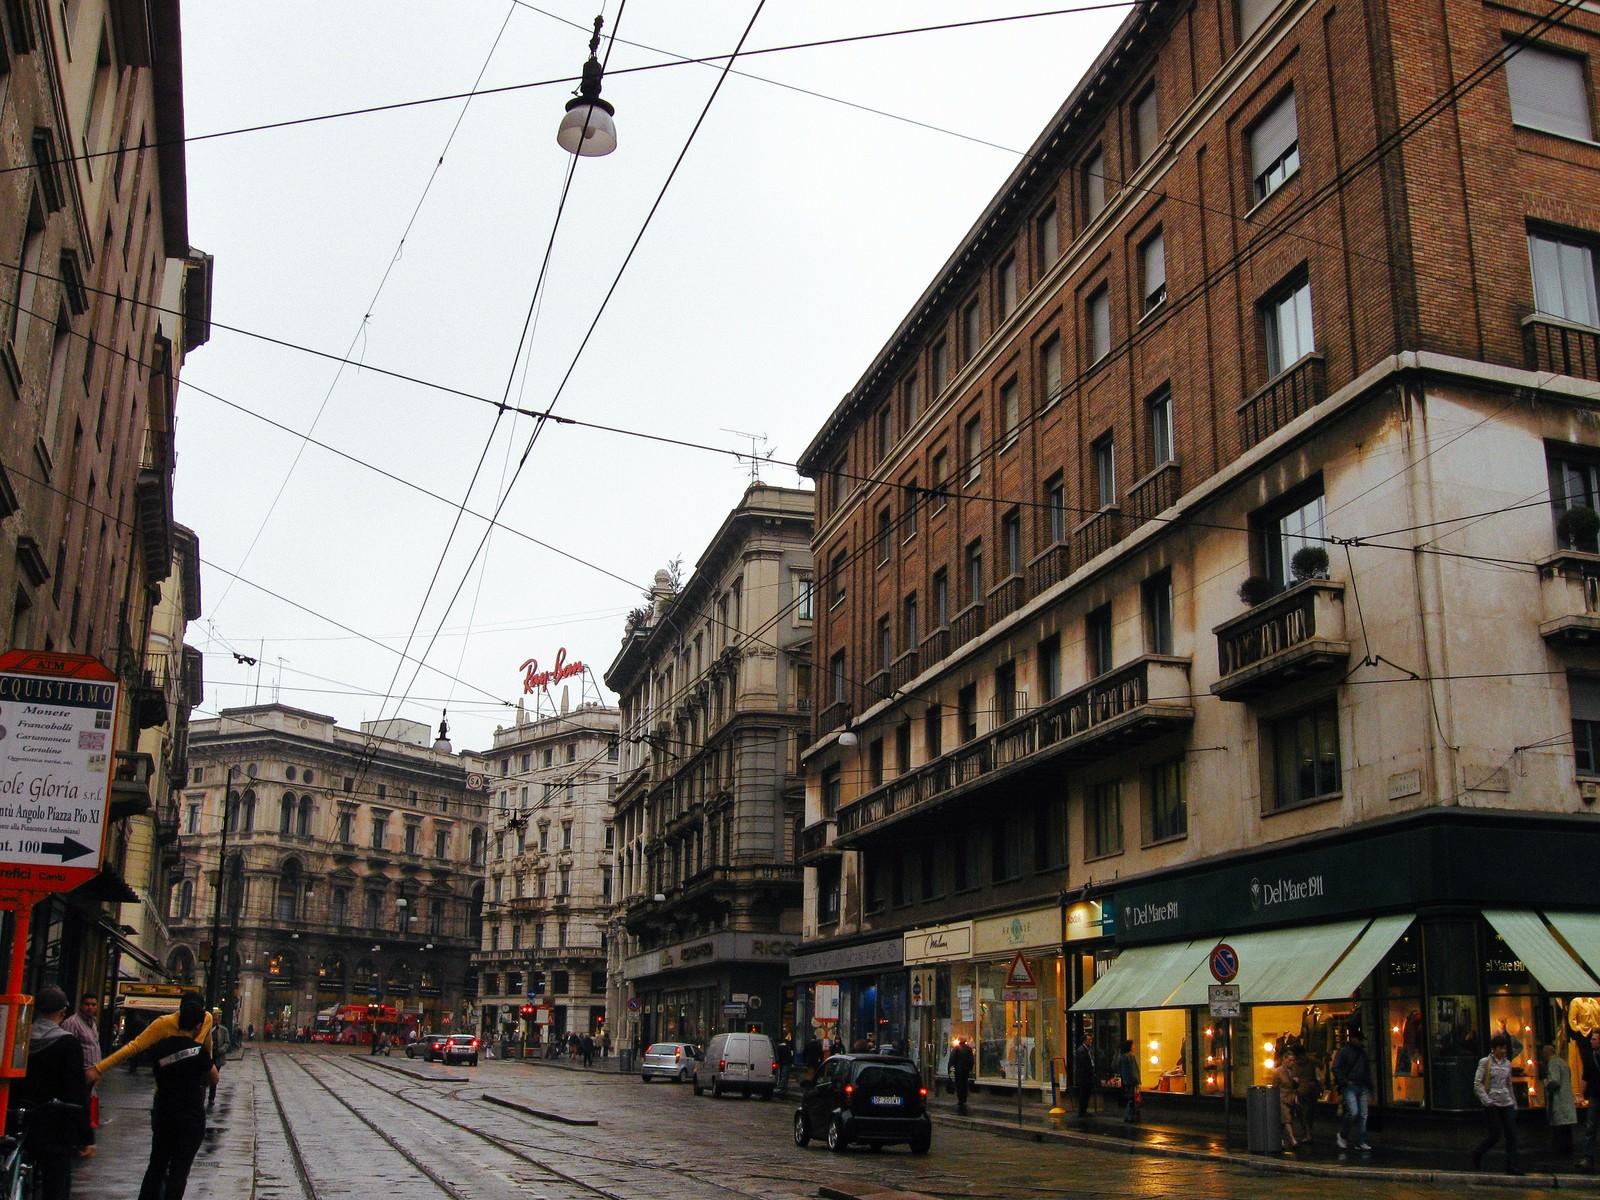 「街角にあるレンガ造りの建物とミラノの街並み(イタリア)」の写真